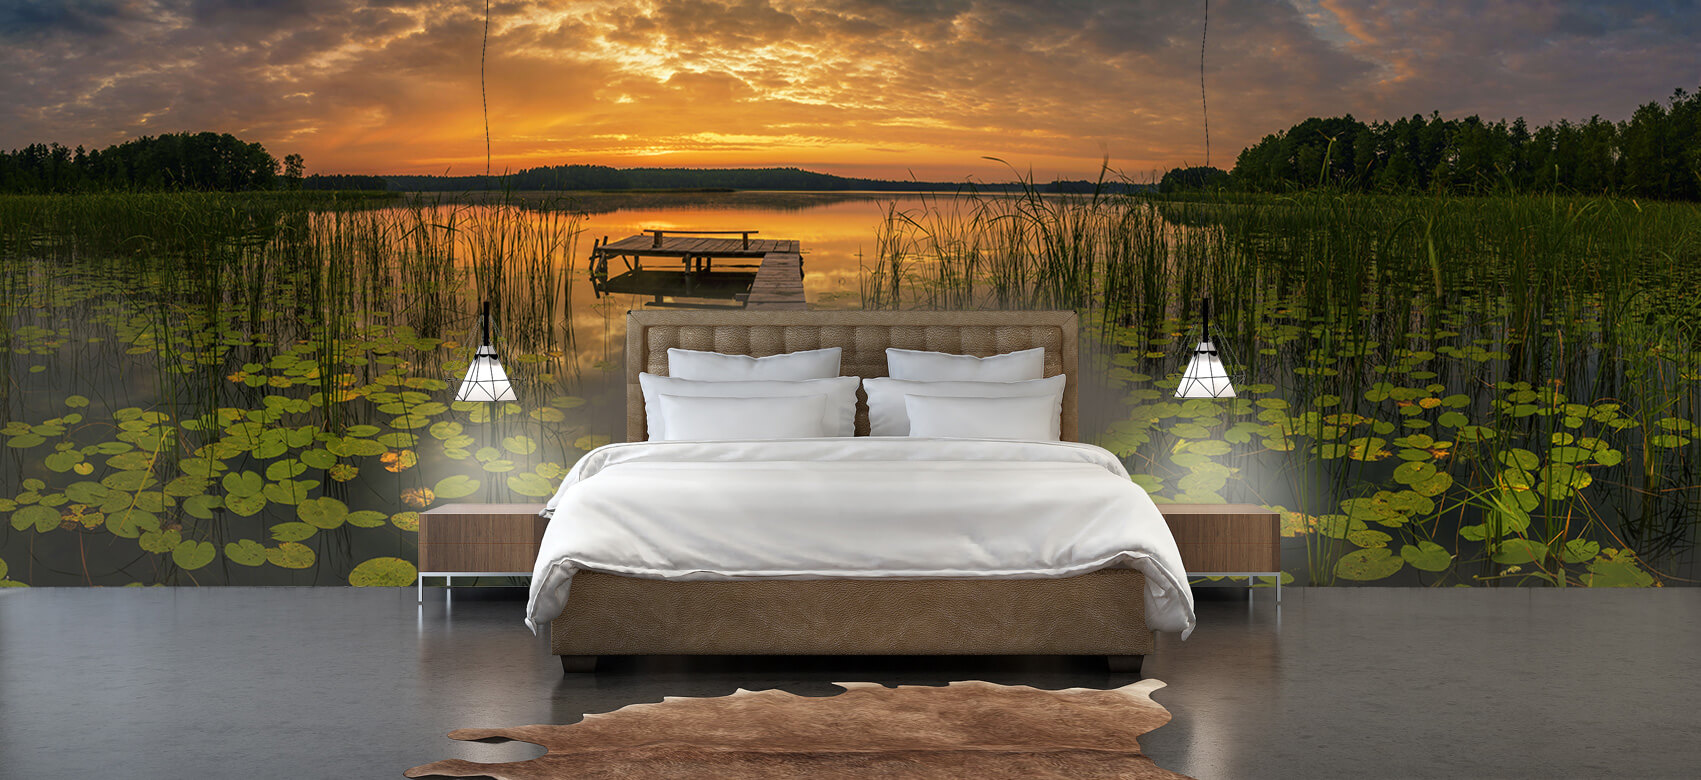 Houten Steigers - Zonsopgang aan het meer - Woonkamer 4